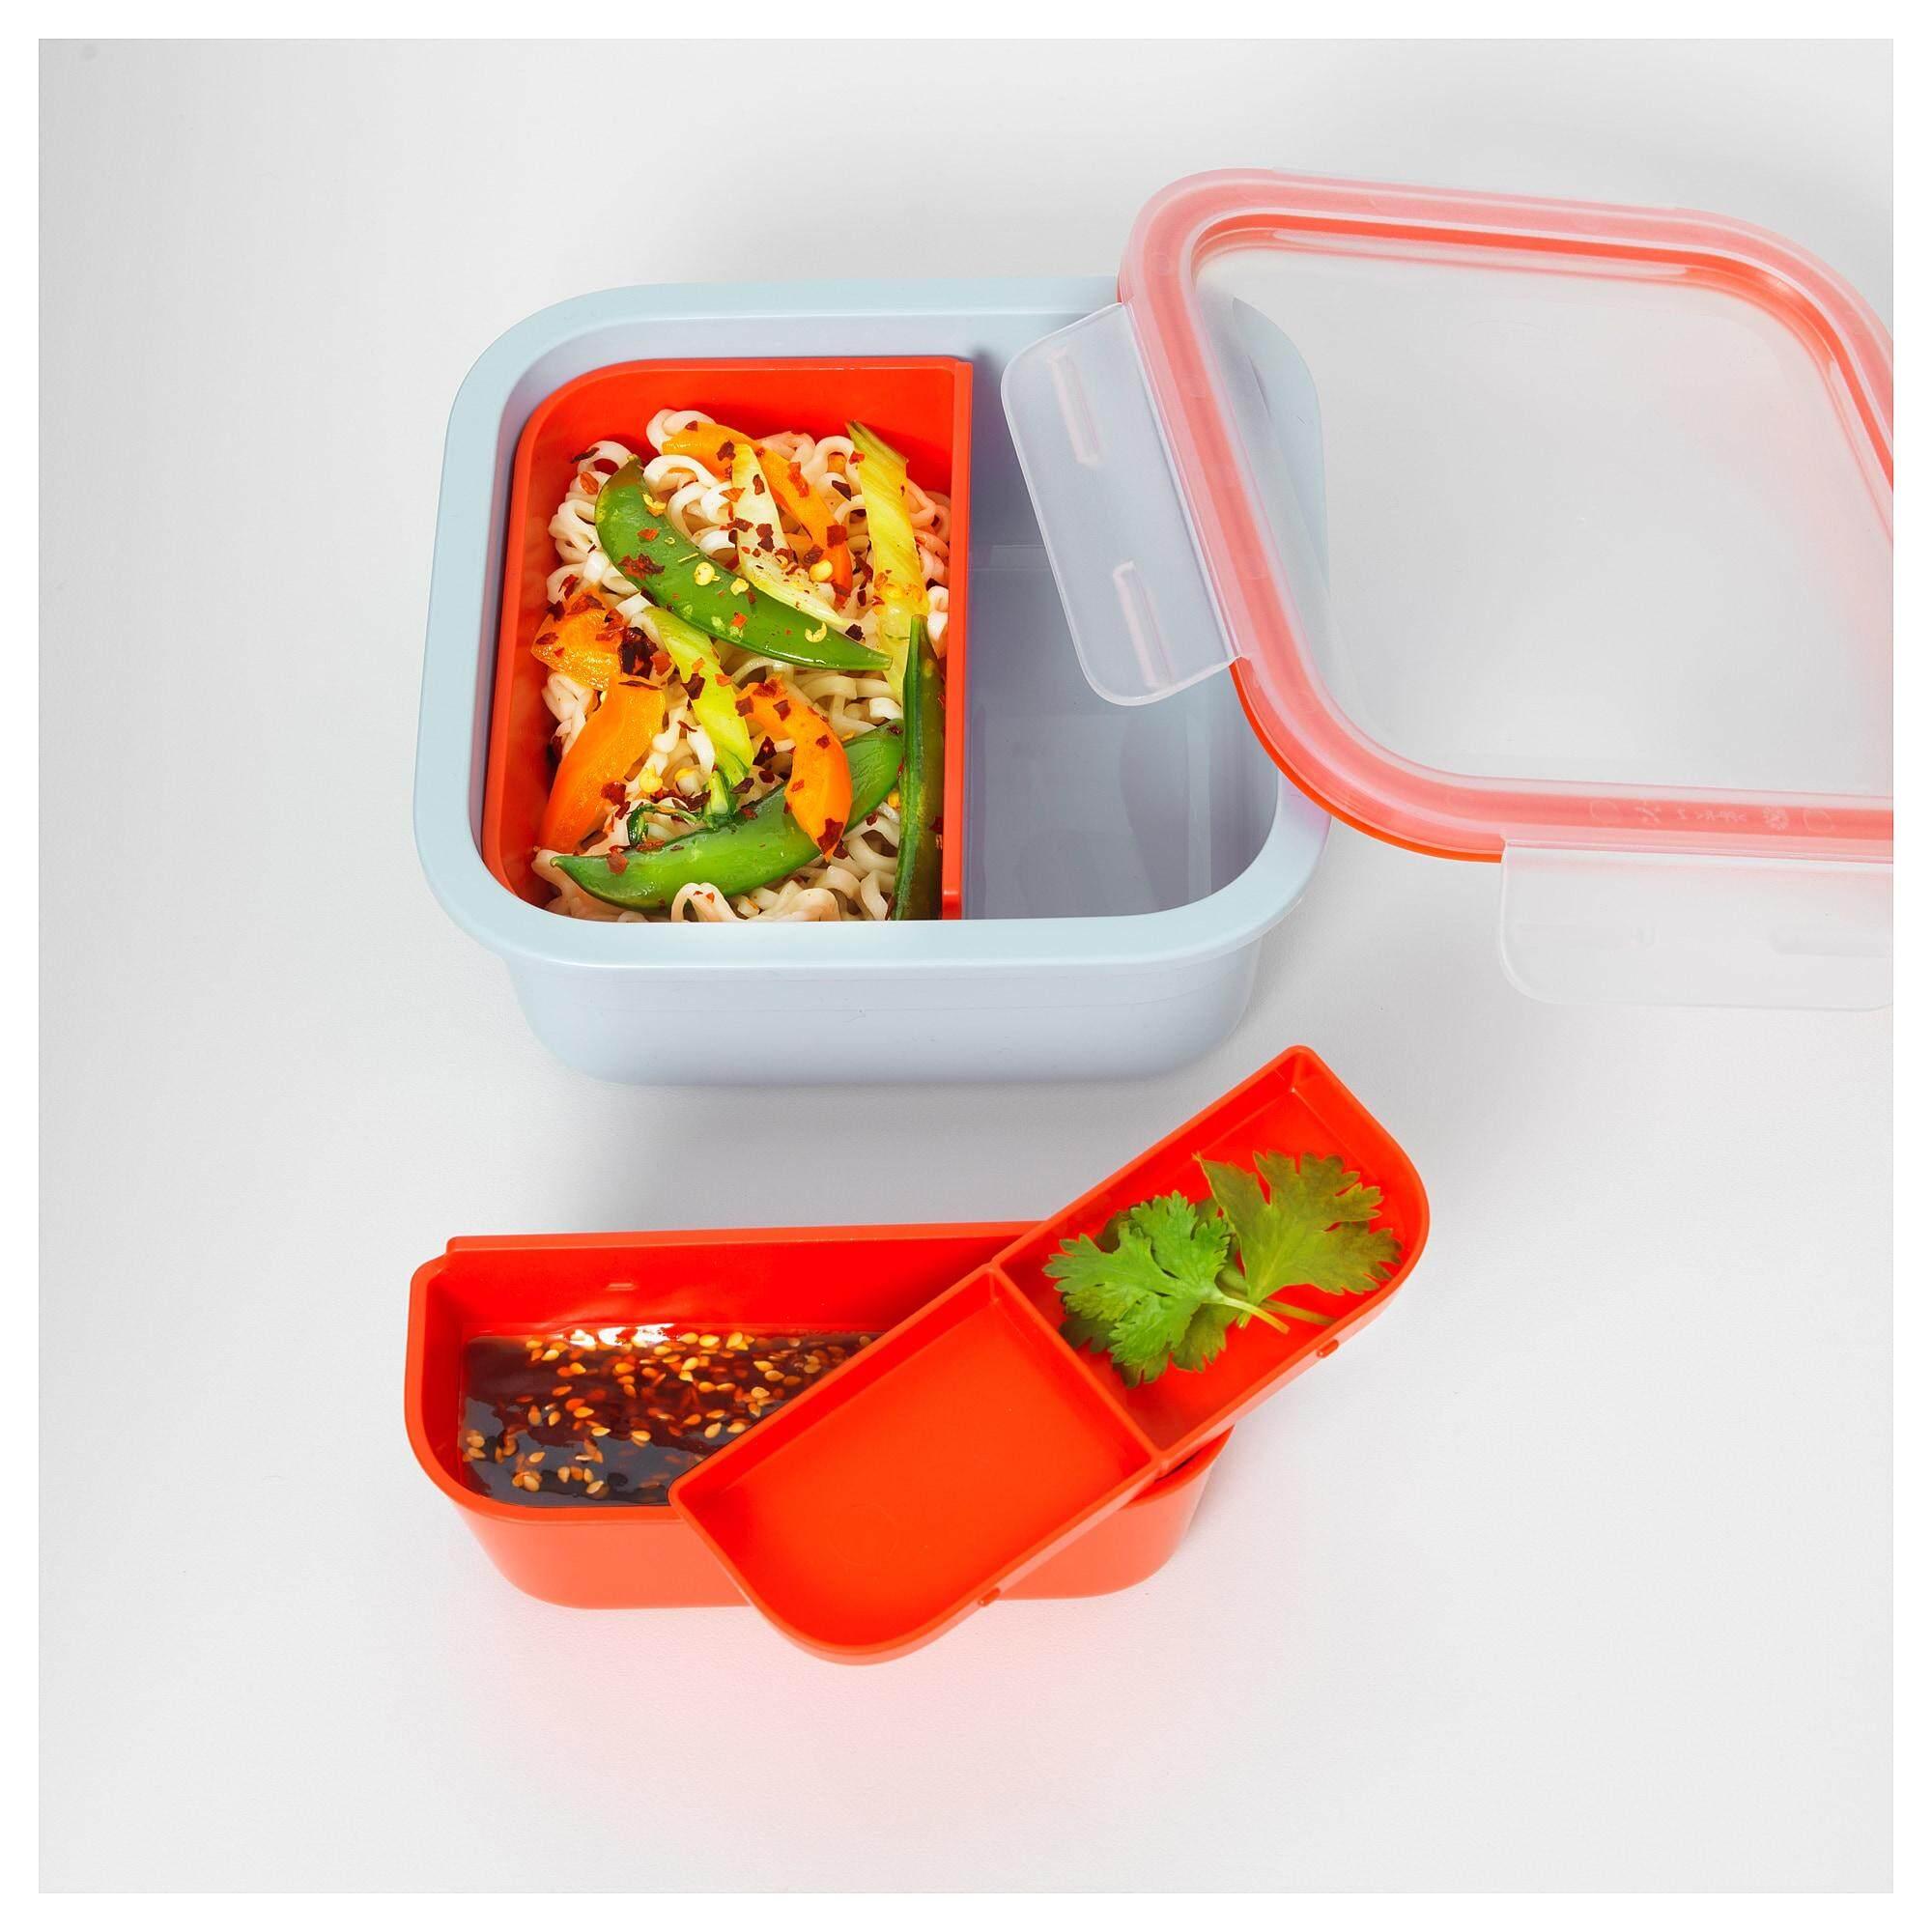 Ikea 365+ อิเกีย 365+ กล่องใส่อาหารพร้อมที่แบ่งช่อง สี่เหลี่ยมจัตุรัส พร้อมที่แบ่งช่อง 2 ชิ้น ช่วยให้แยกอาหารแต่ละชนิดออกจากกันได้ ไม่ว่าจะเป็นอาหารจานหลัก สลัด หรือซอสใช้ถาดที่มีฝาปิดใส่ซอสหรือน้ำสลัดต่างๆ จาก Ikea By Spa Land.